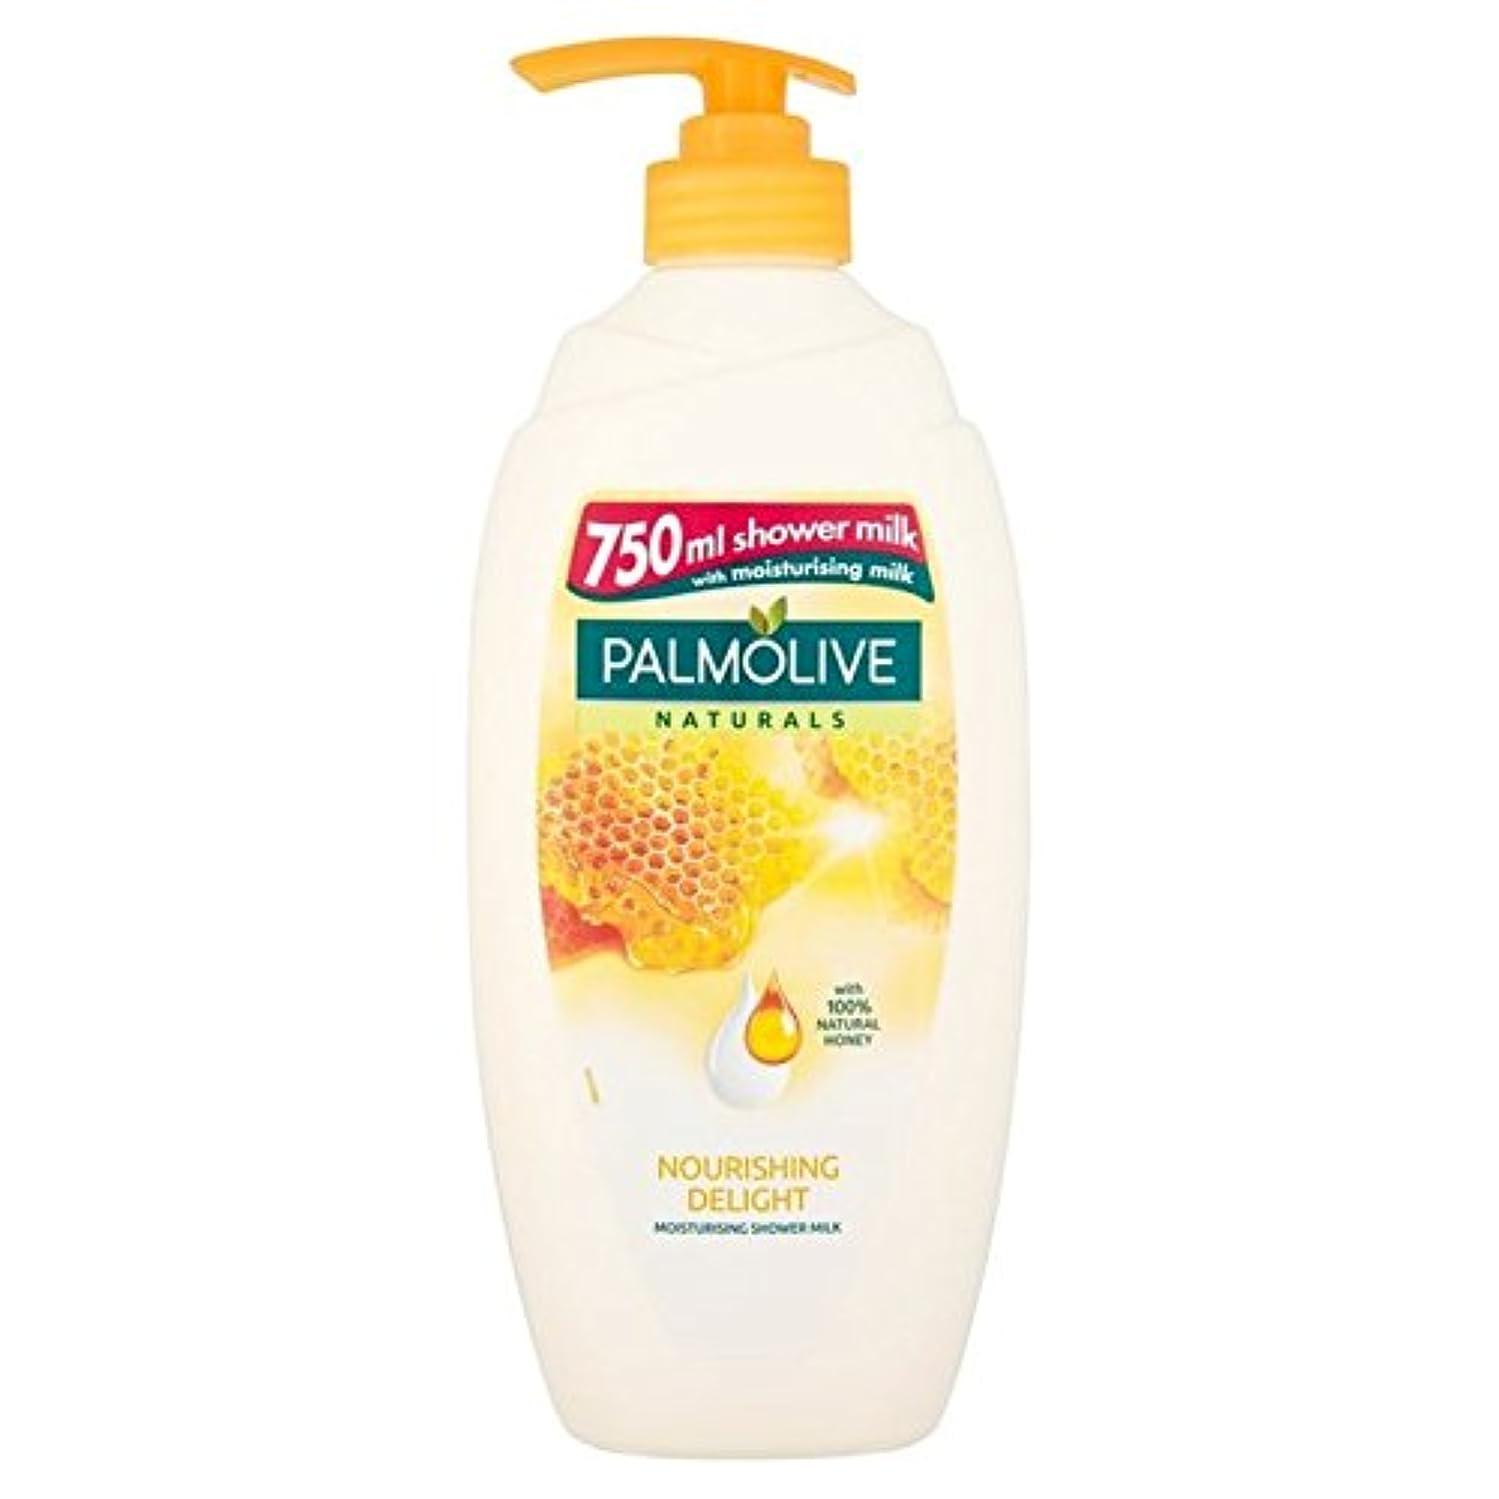 シーズンチキン宇宙飛行士Palmolive Naturals Nourishing Shower Naturals Milk with Honey 750ml - 蜂蜜の750ミリリットルとシャワーナチュラルミルク栄養パルモライブナチュラル [...